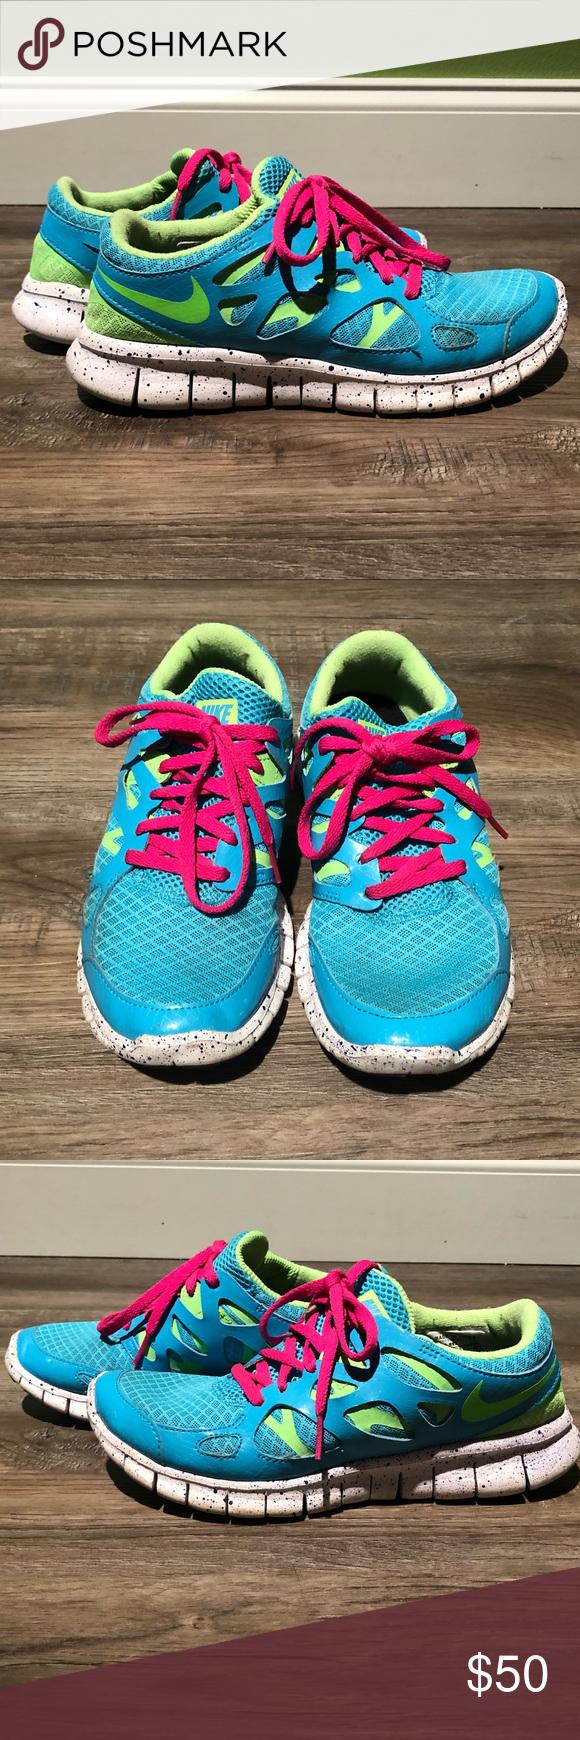 24 hour shoes near me